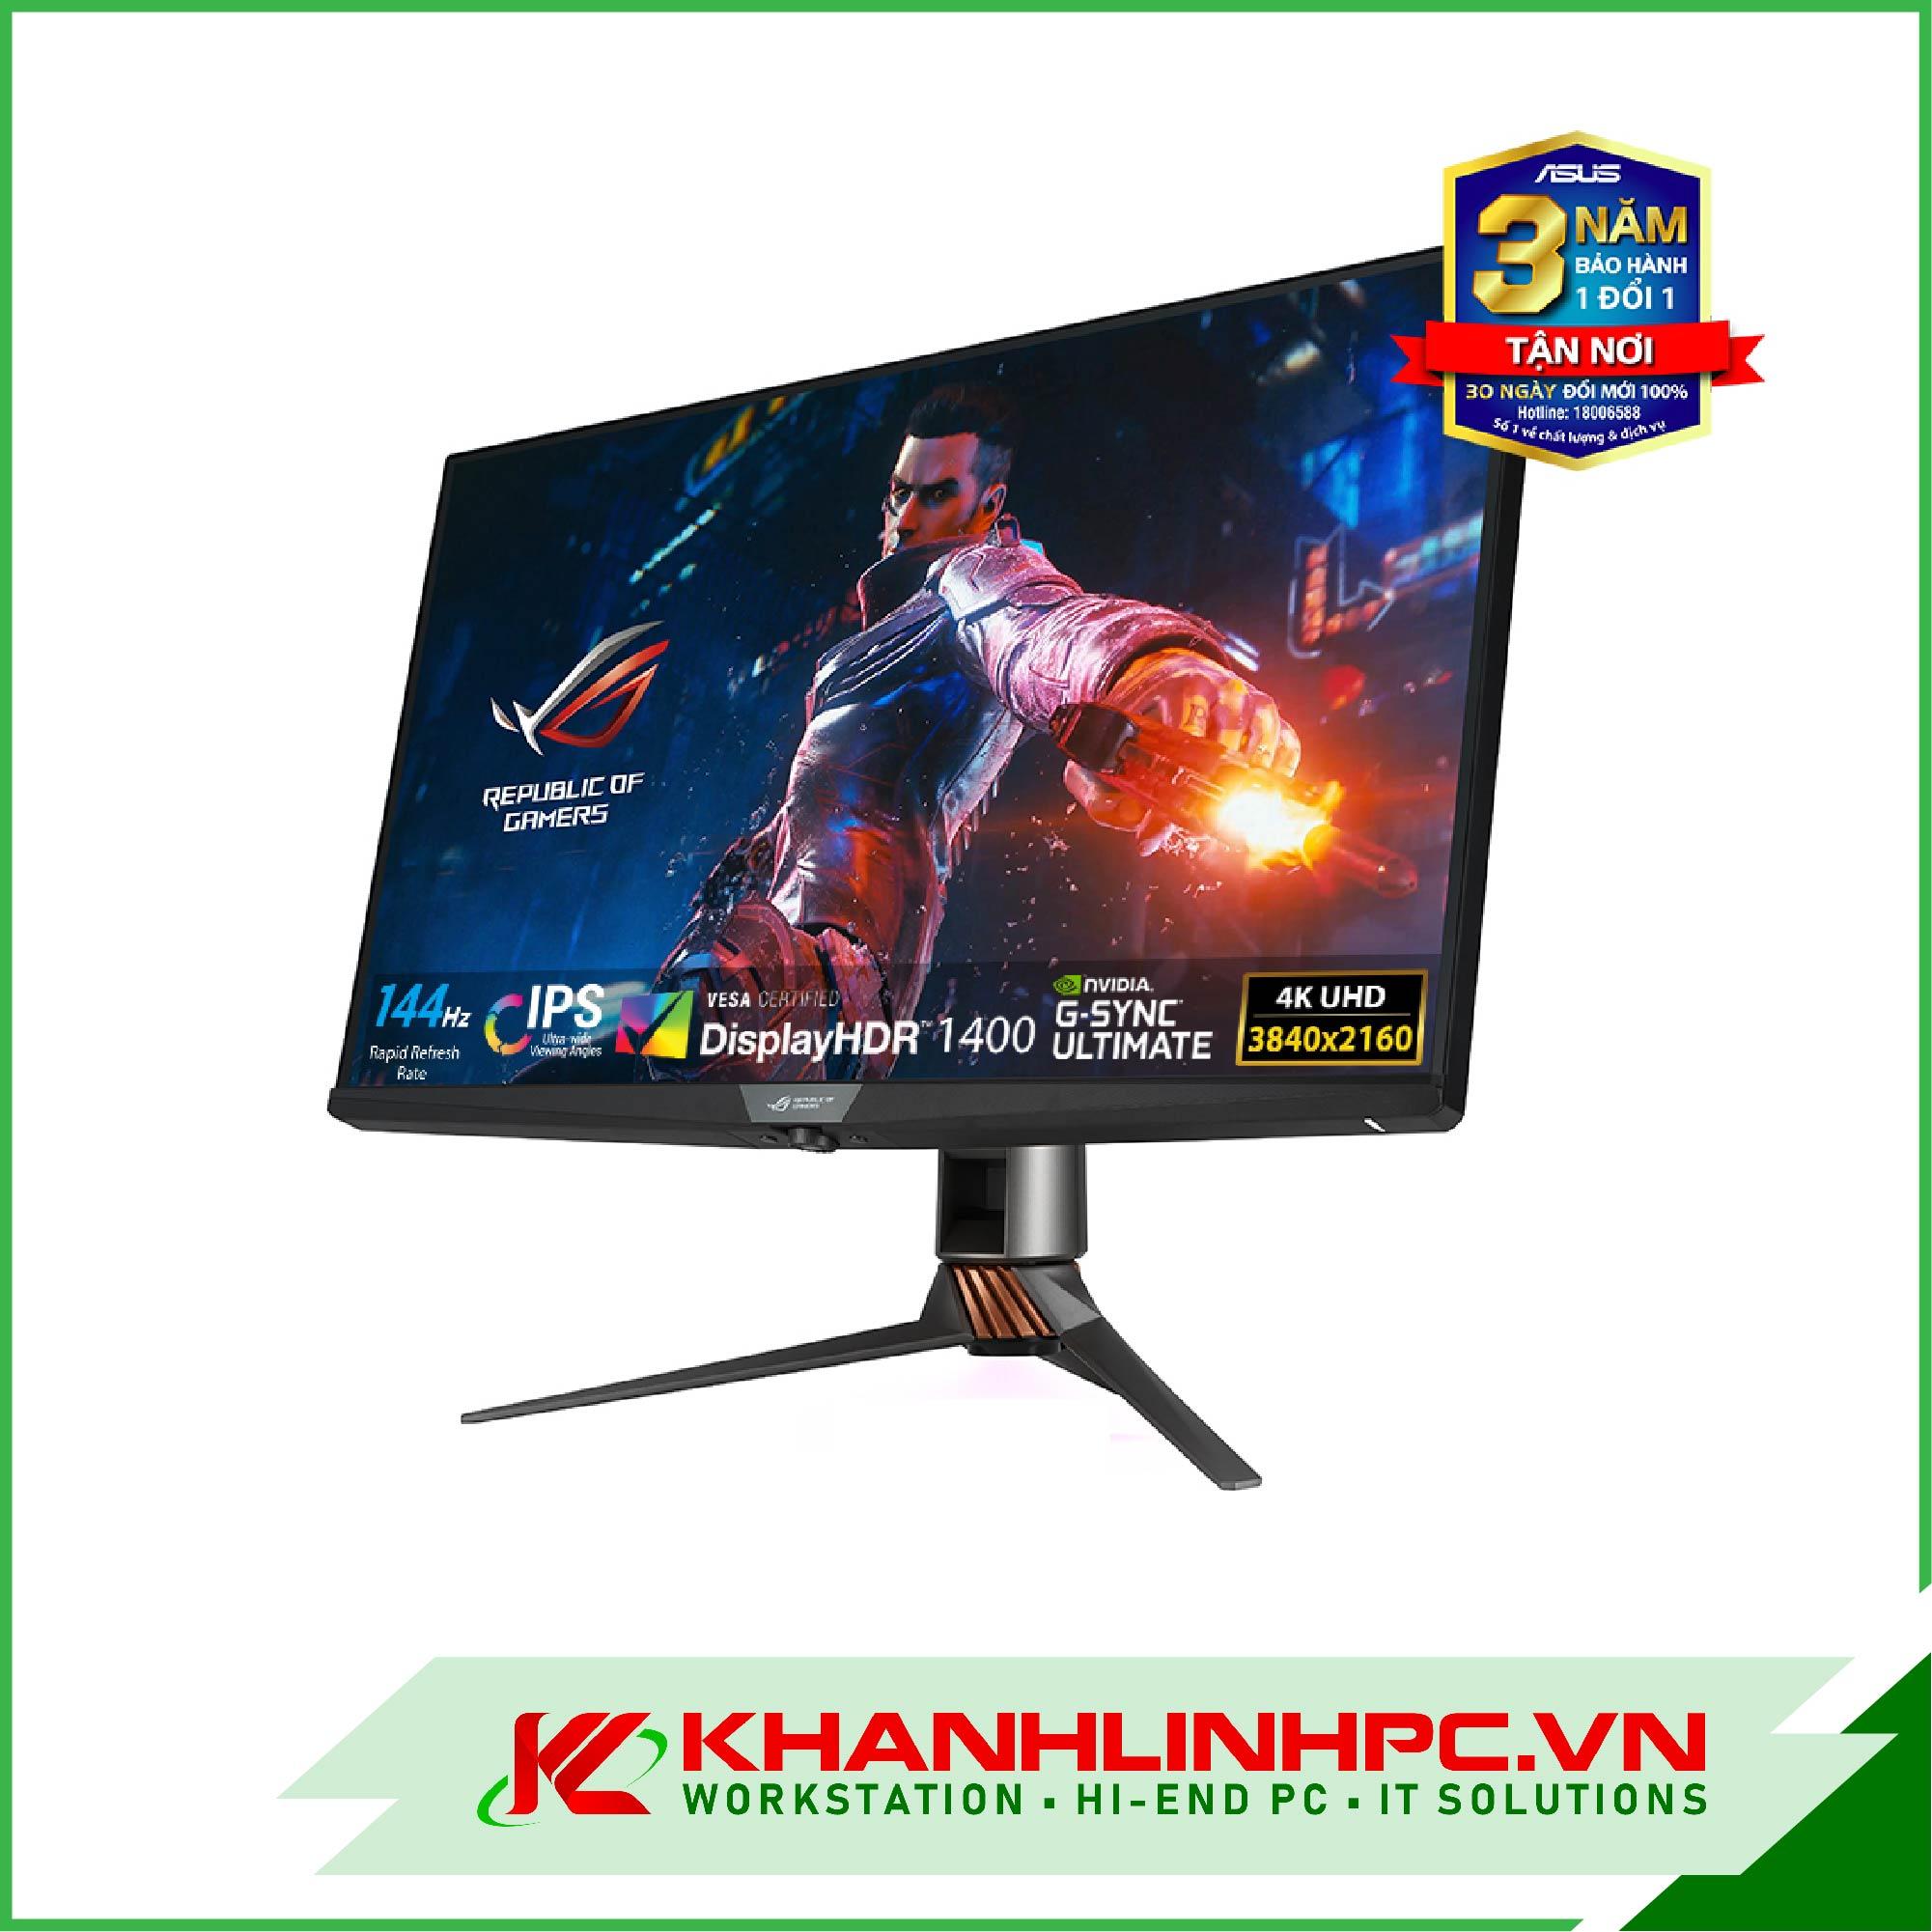 LCD ASUS ROG Swift PG32UQX 4K PRO CLASS GAMING